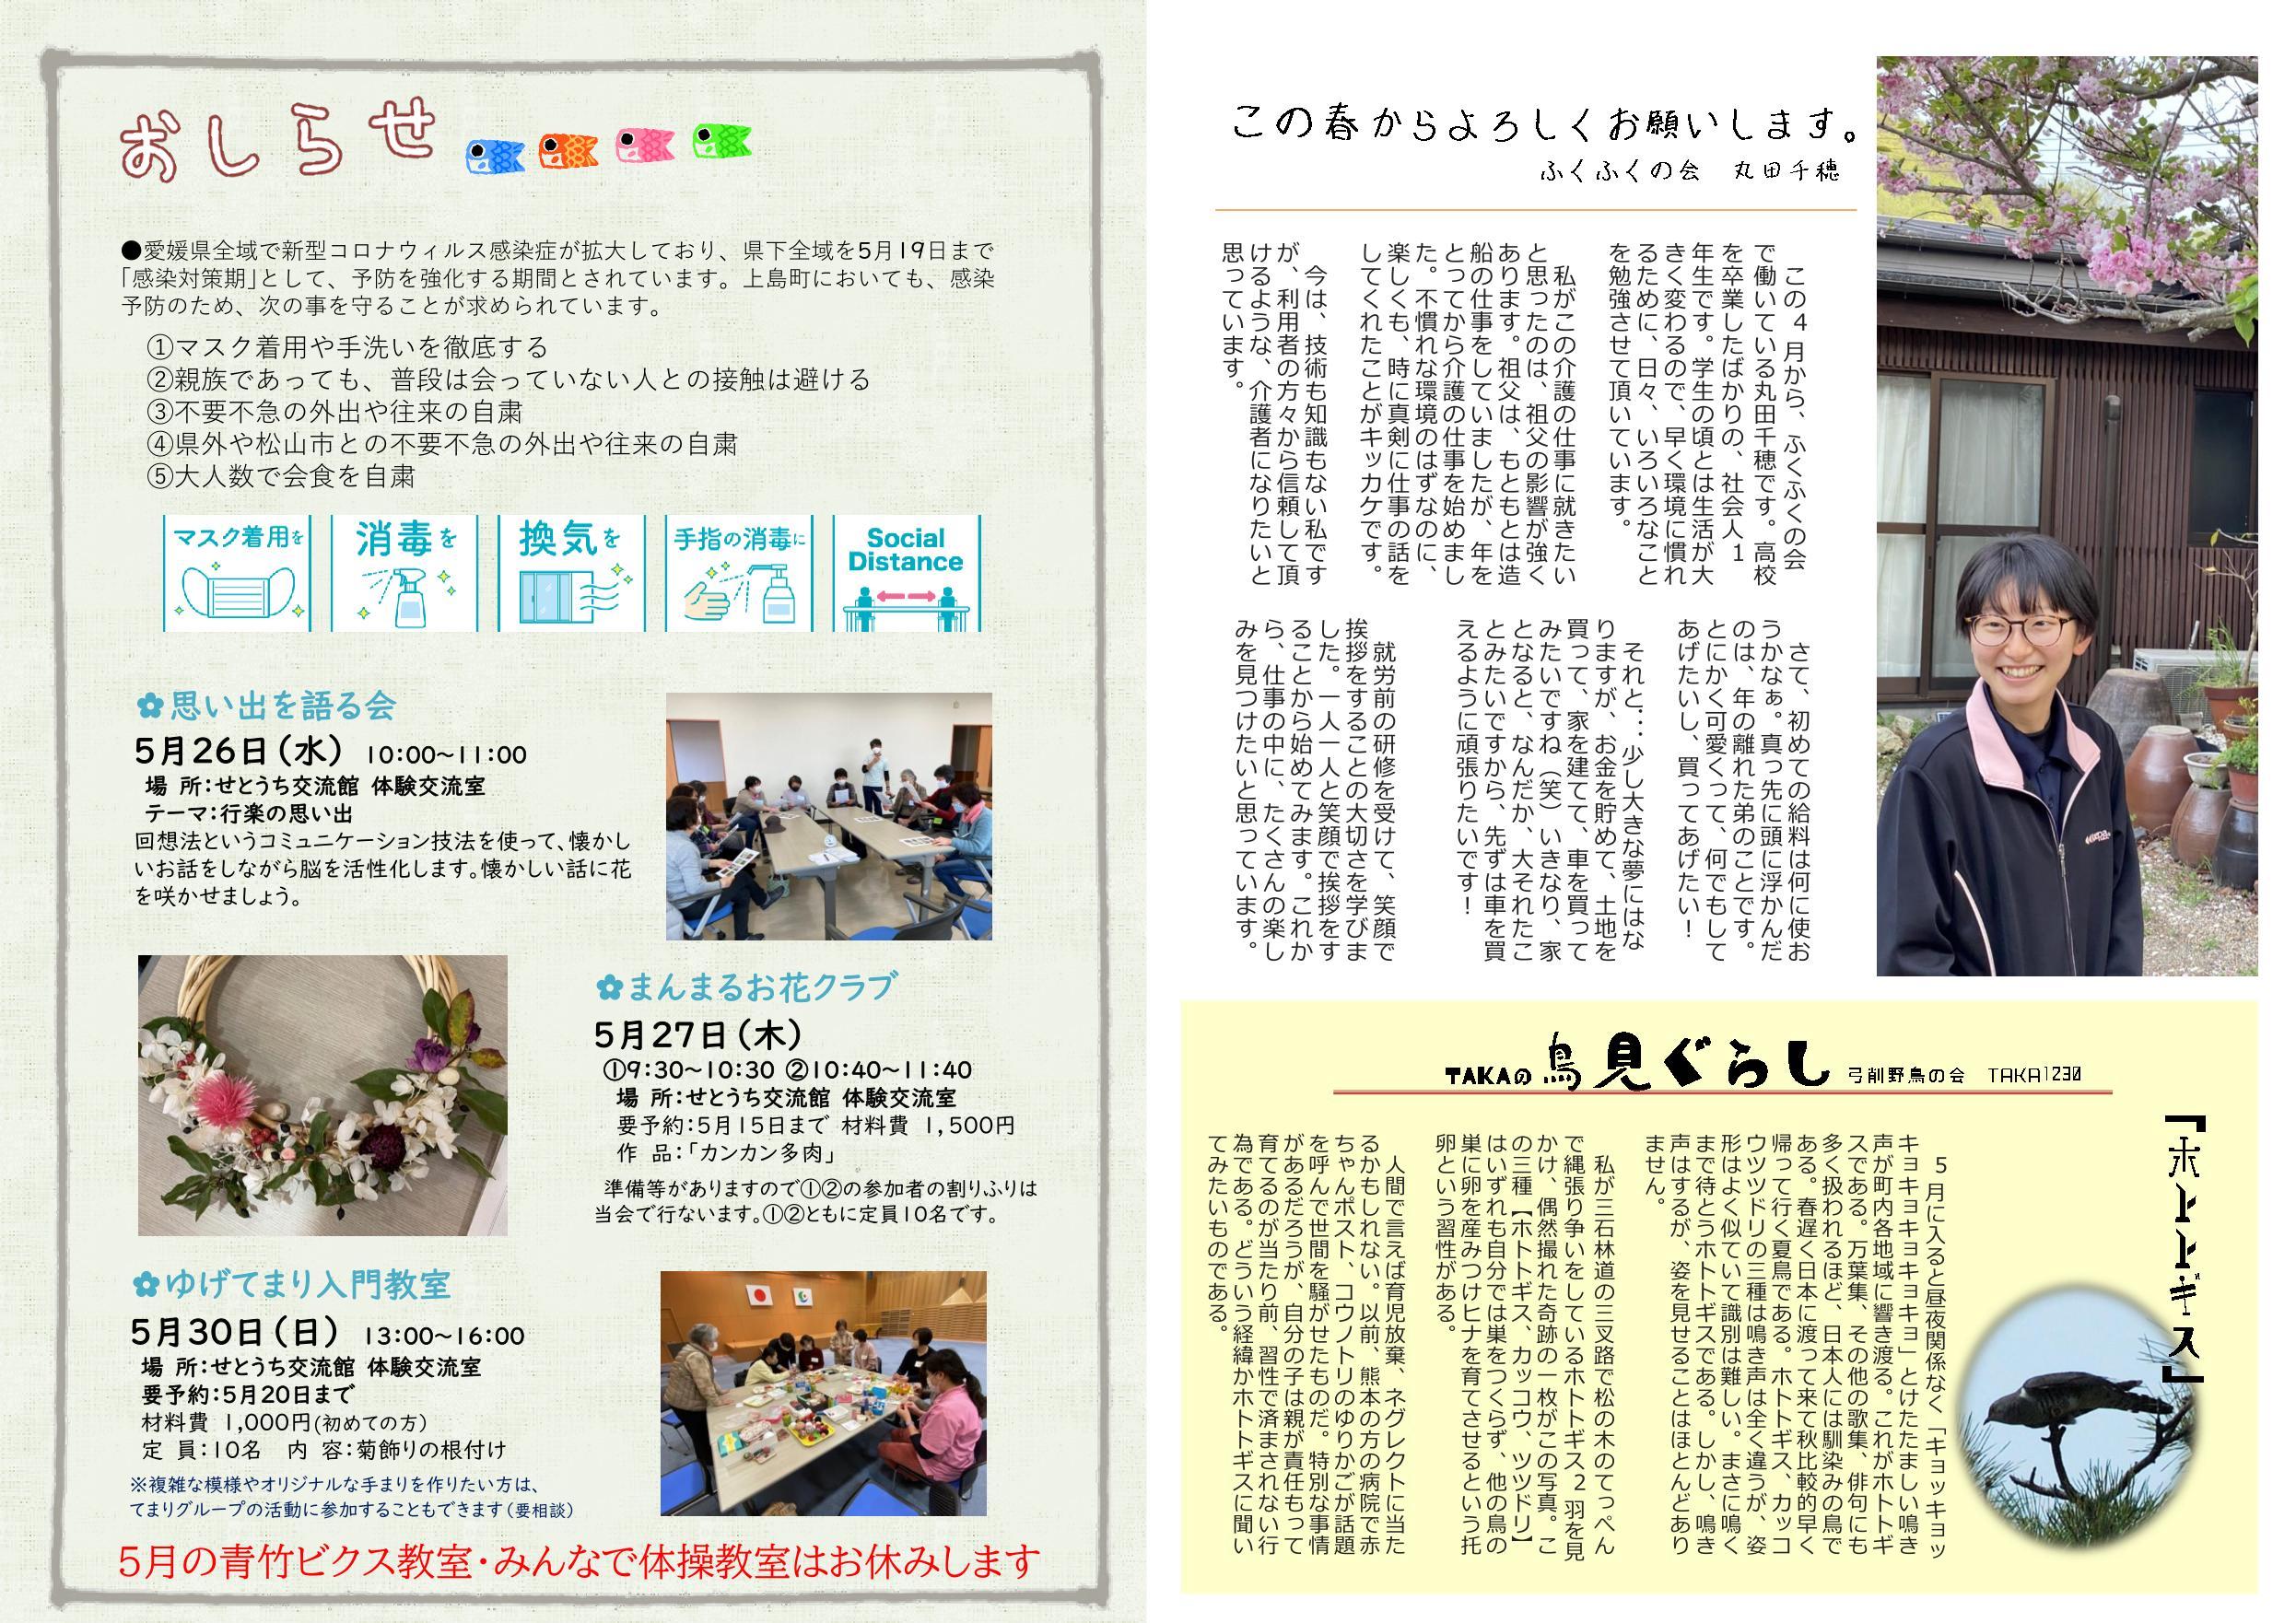 http://fukufukunokai.com/newsletter/images/4%E6%9C%88%E5%8F%B7_cropped_420214.jpeg